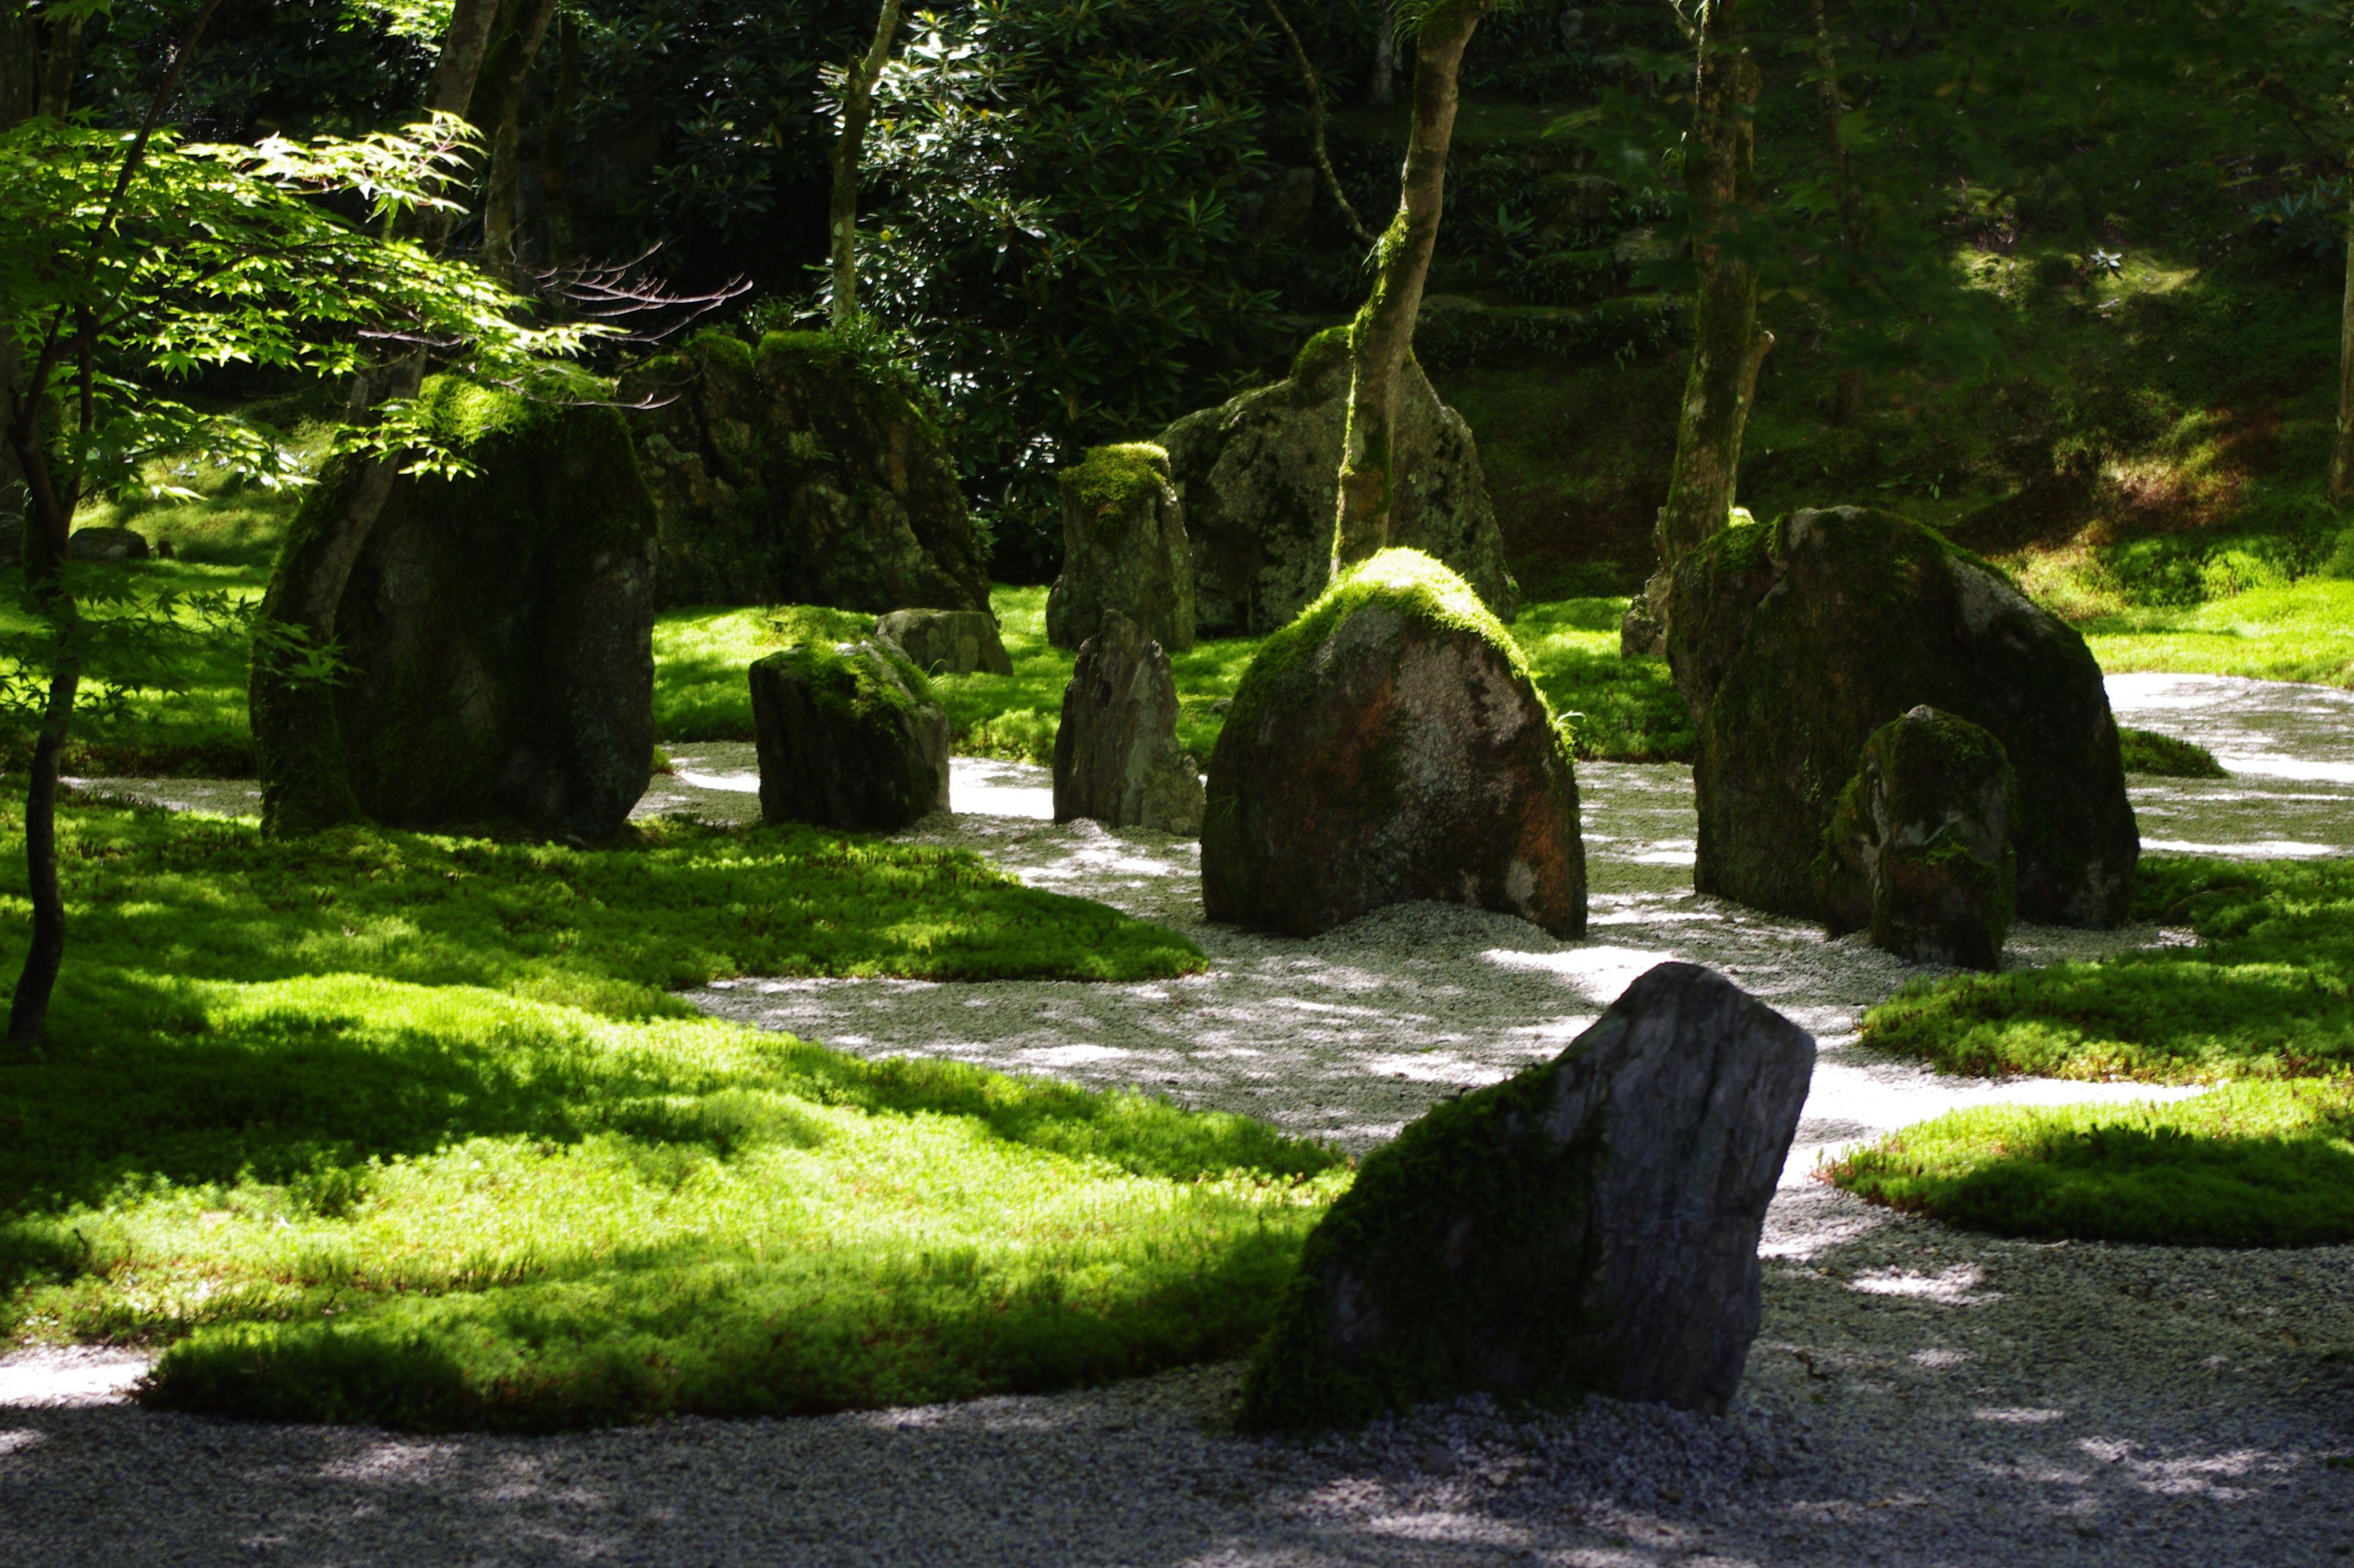 Zen Gardens, Japanese Gardens, Zen Rock, Japanese Aesthetic, Outdoor Structures,